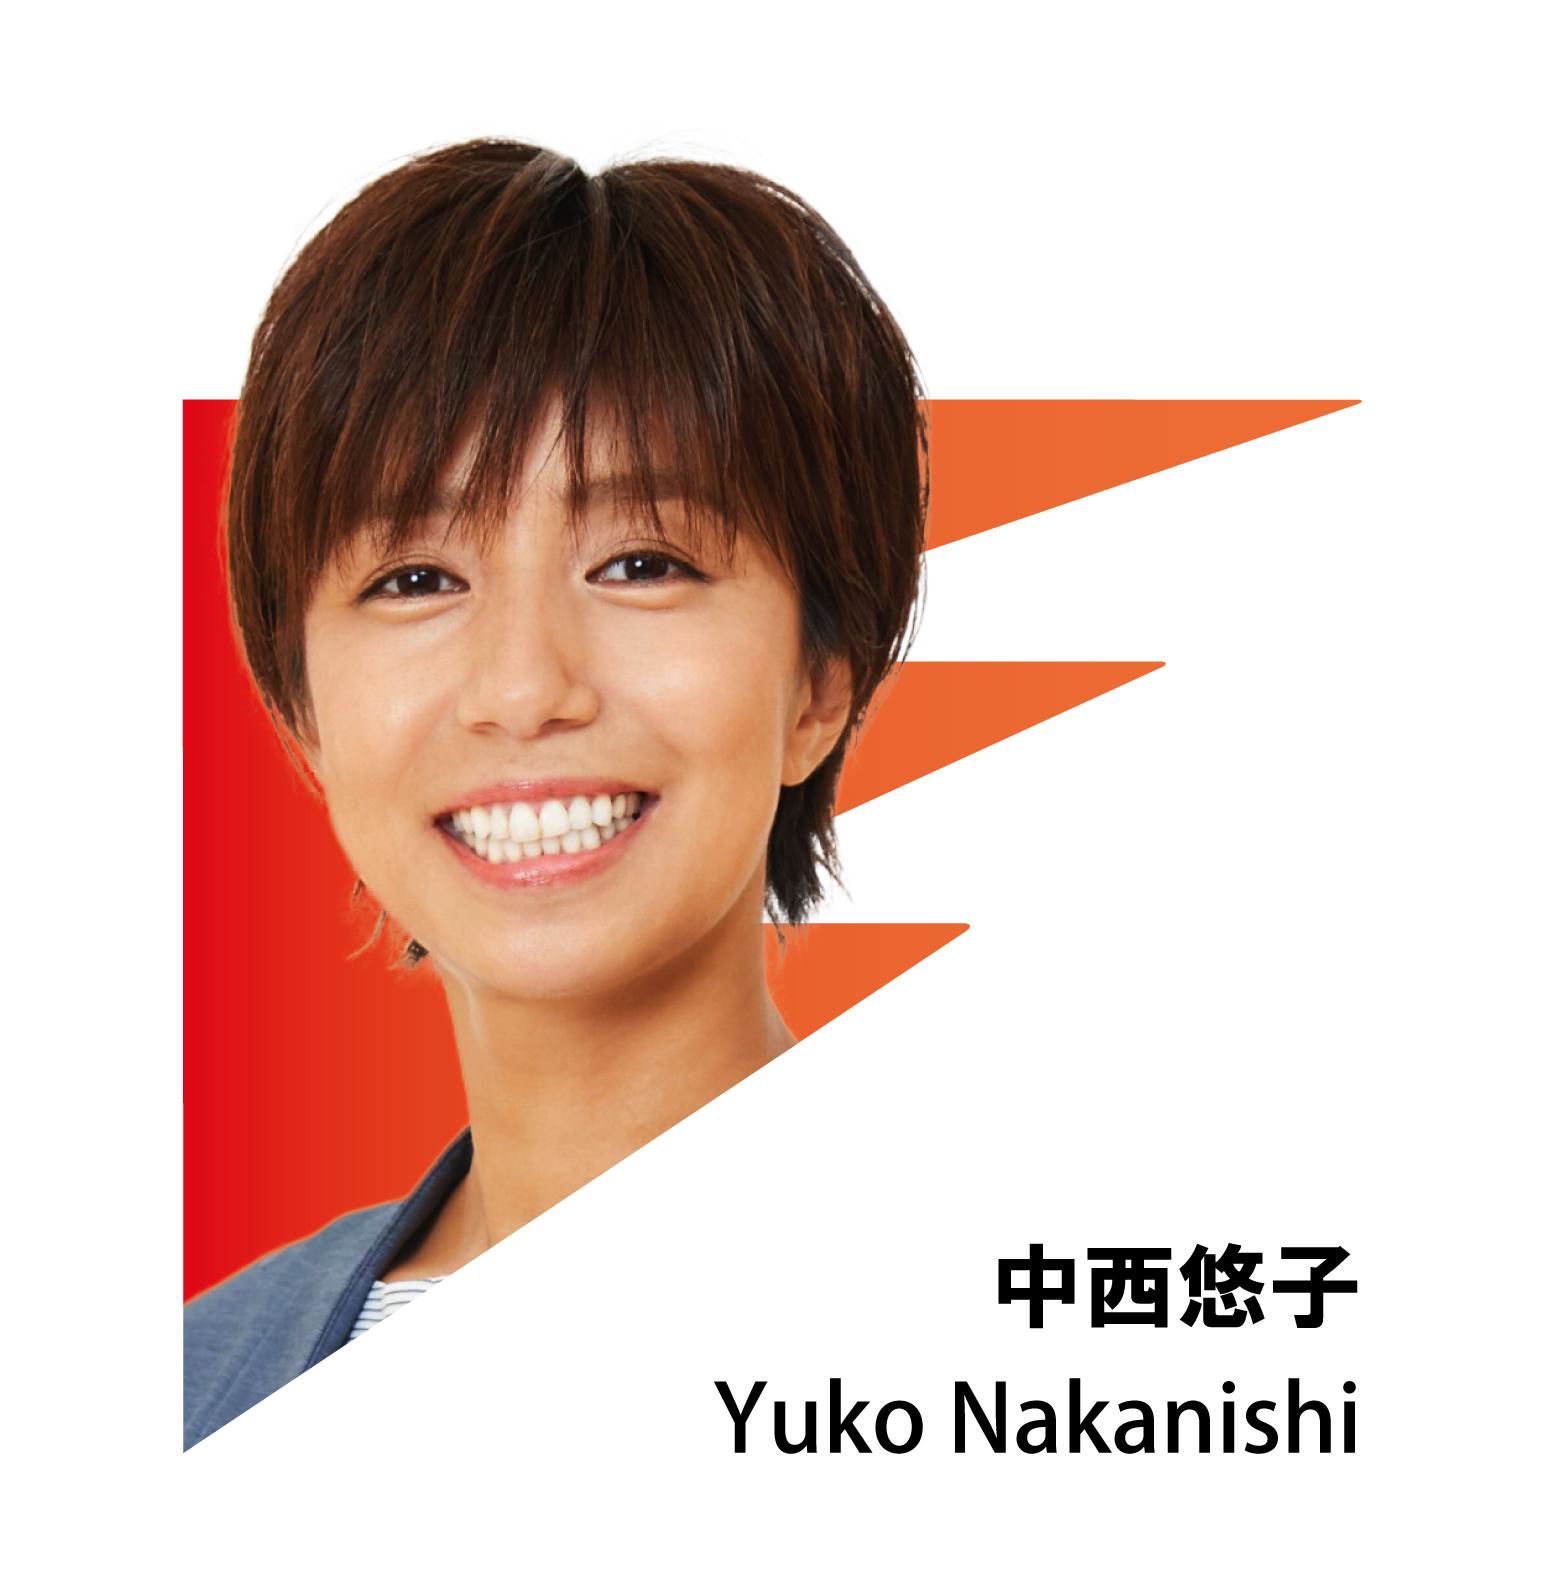 Yuko Nakanishi